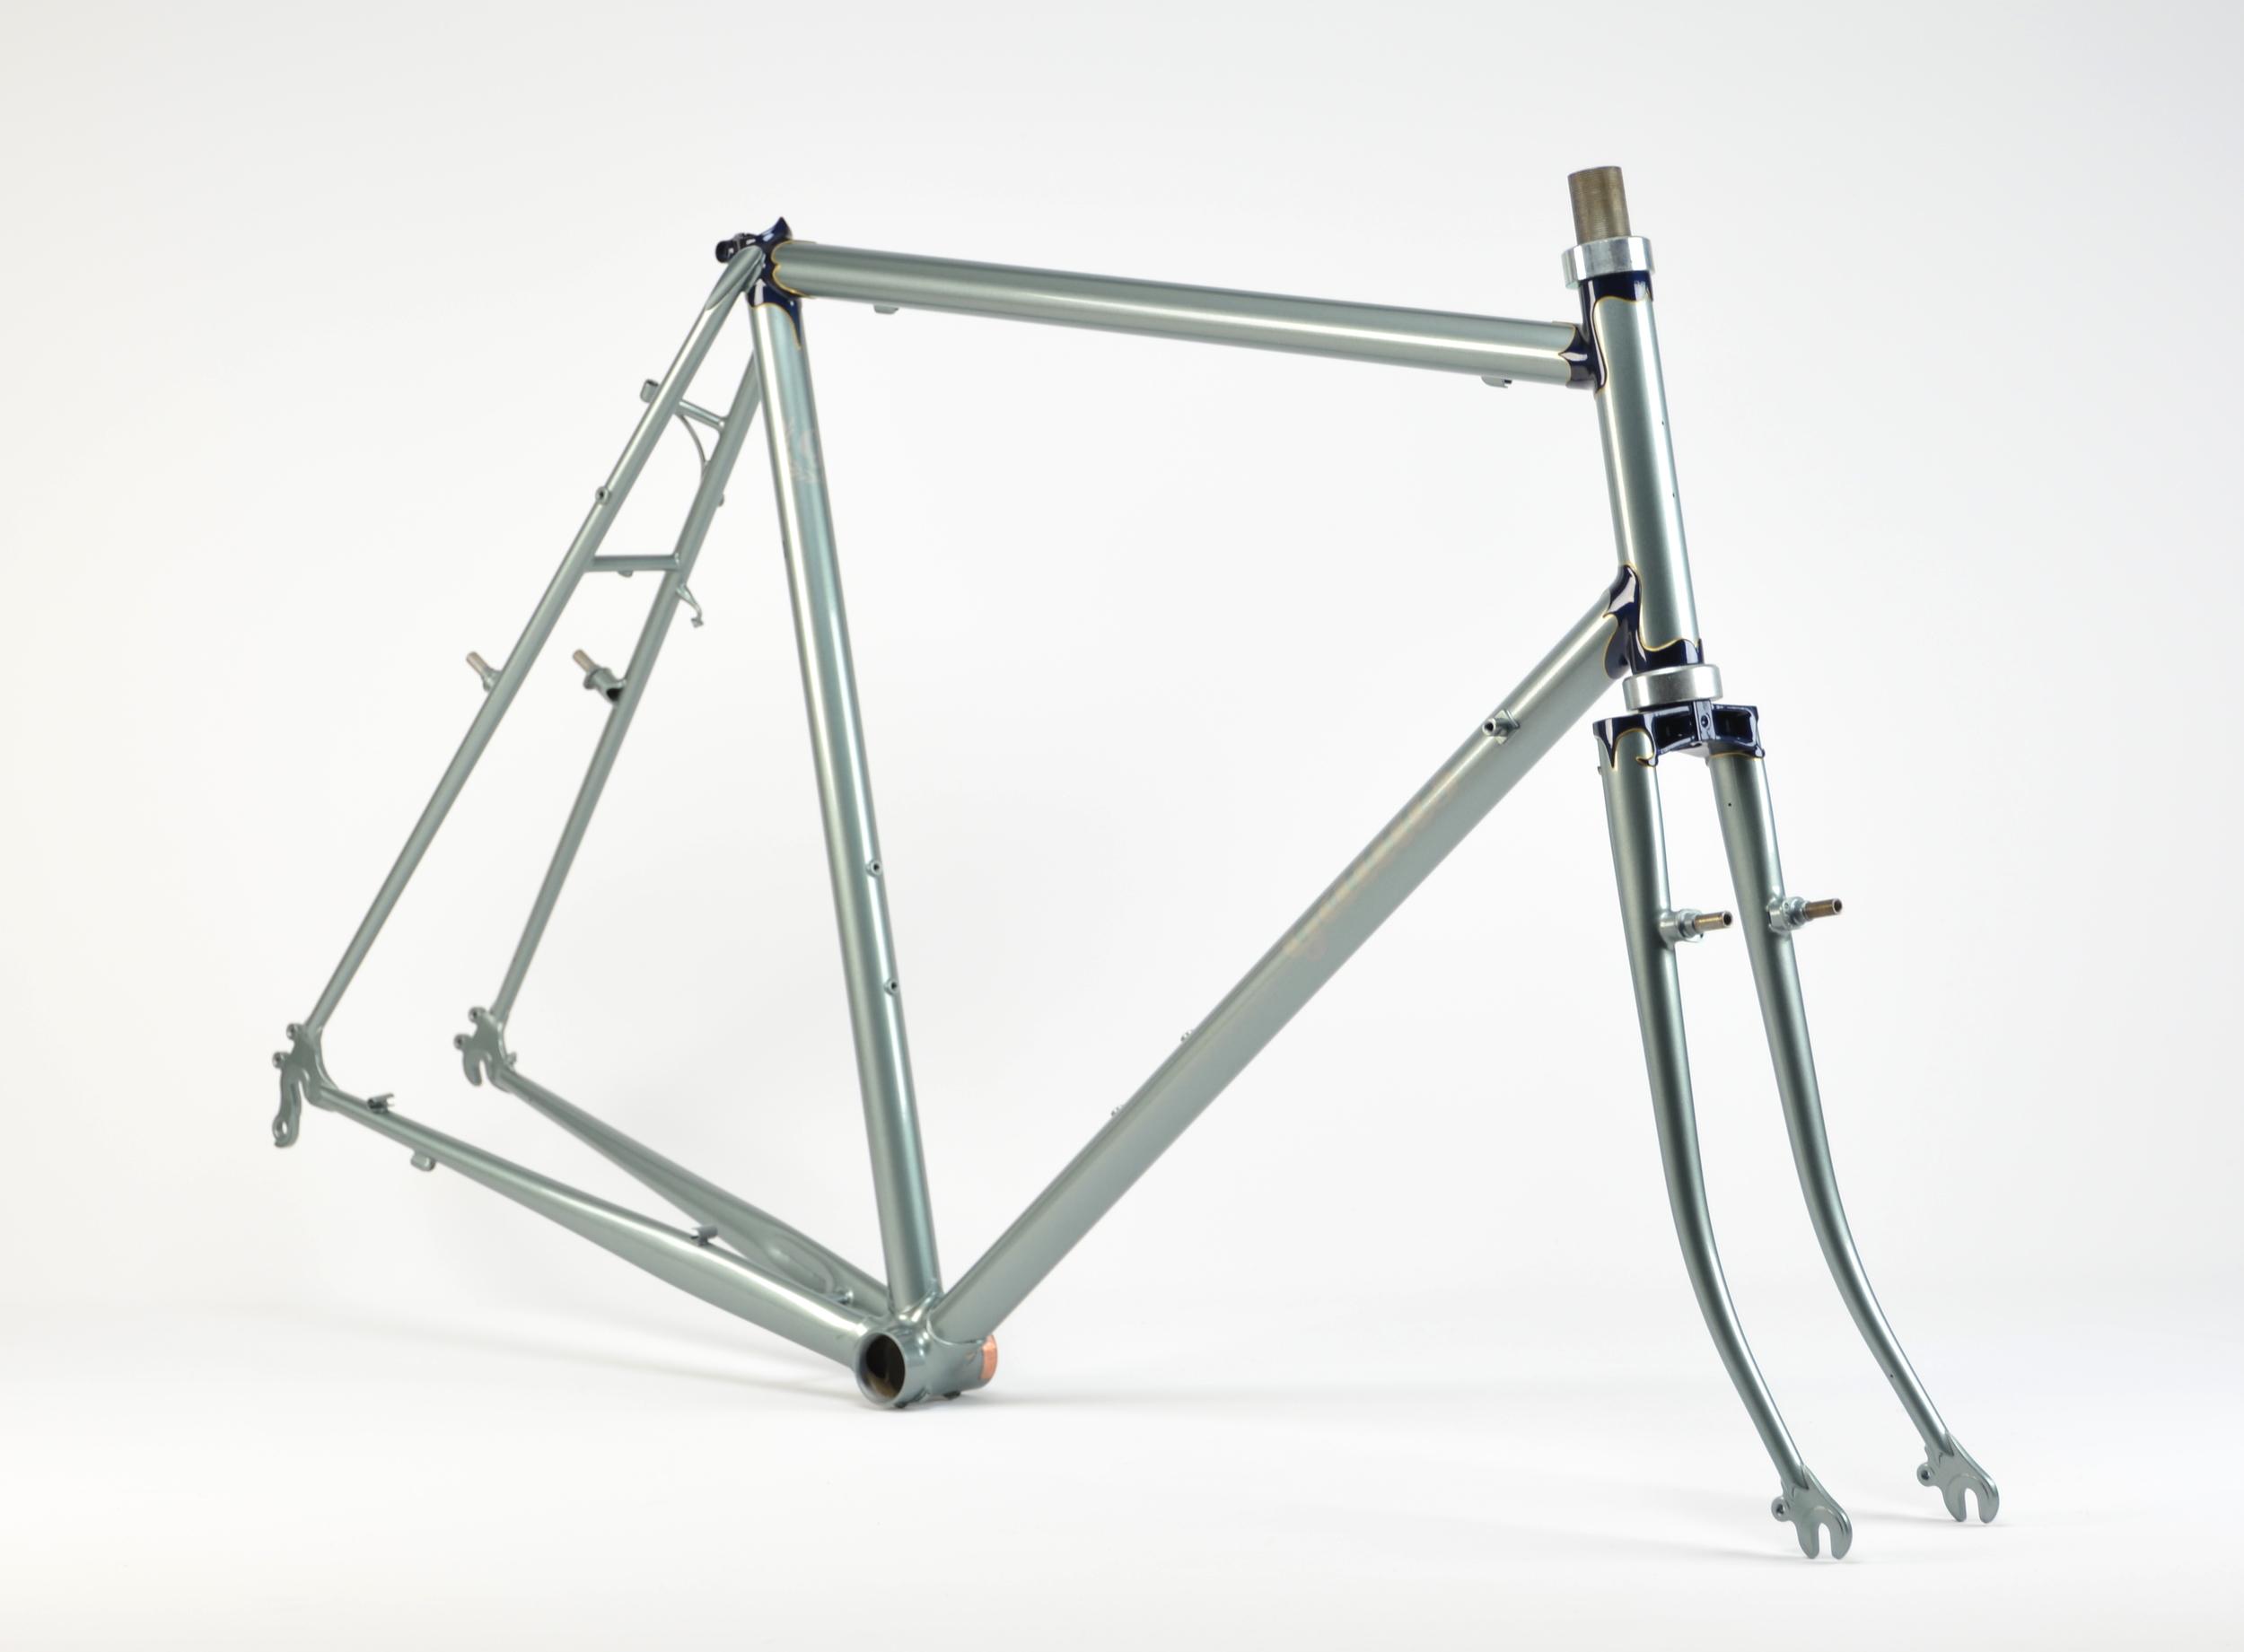 gallus-lugged-steel_25158454540_o.jpg